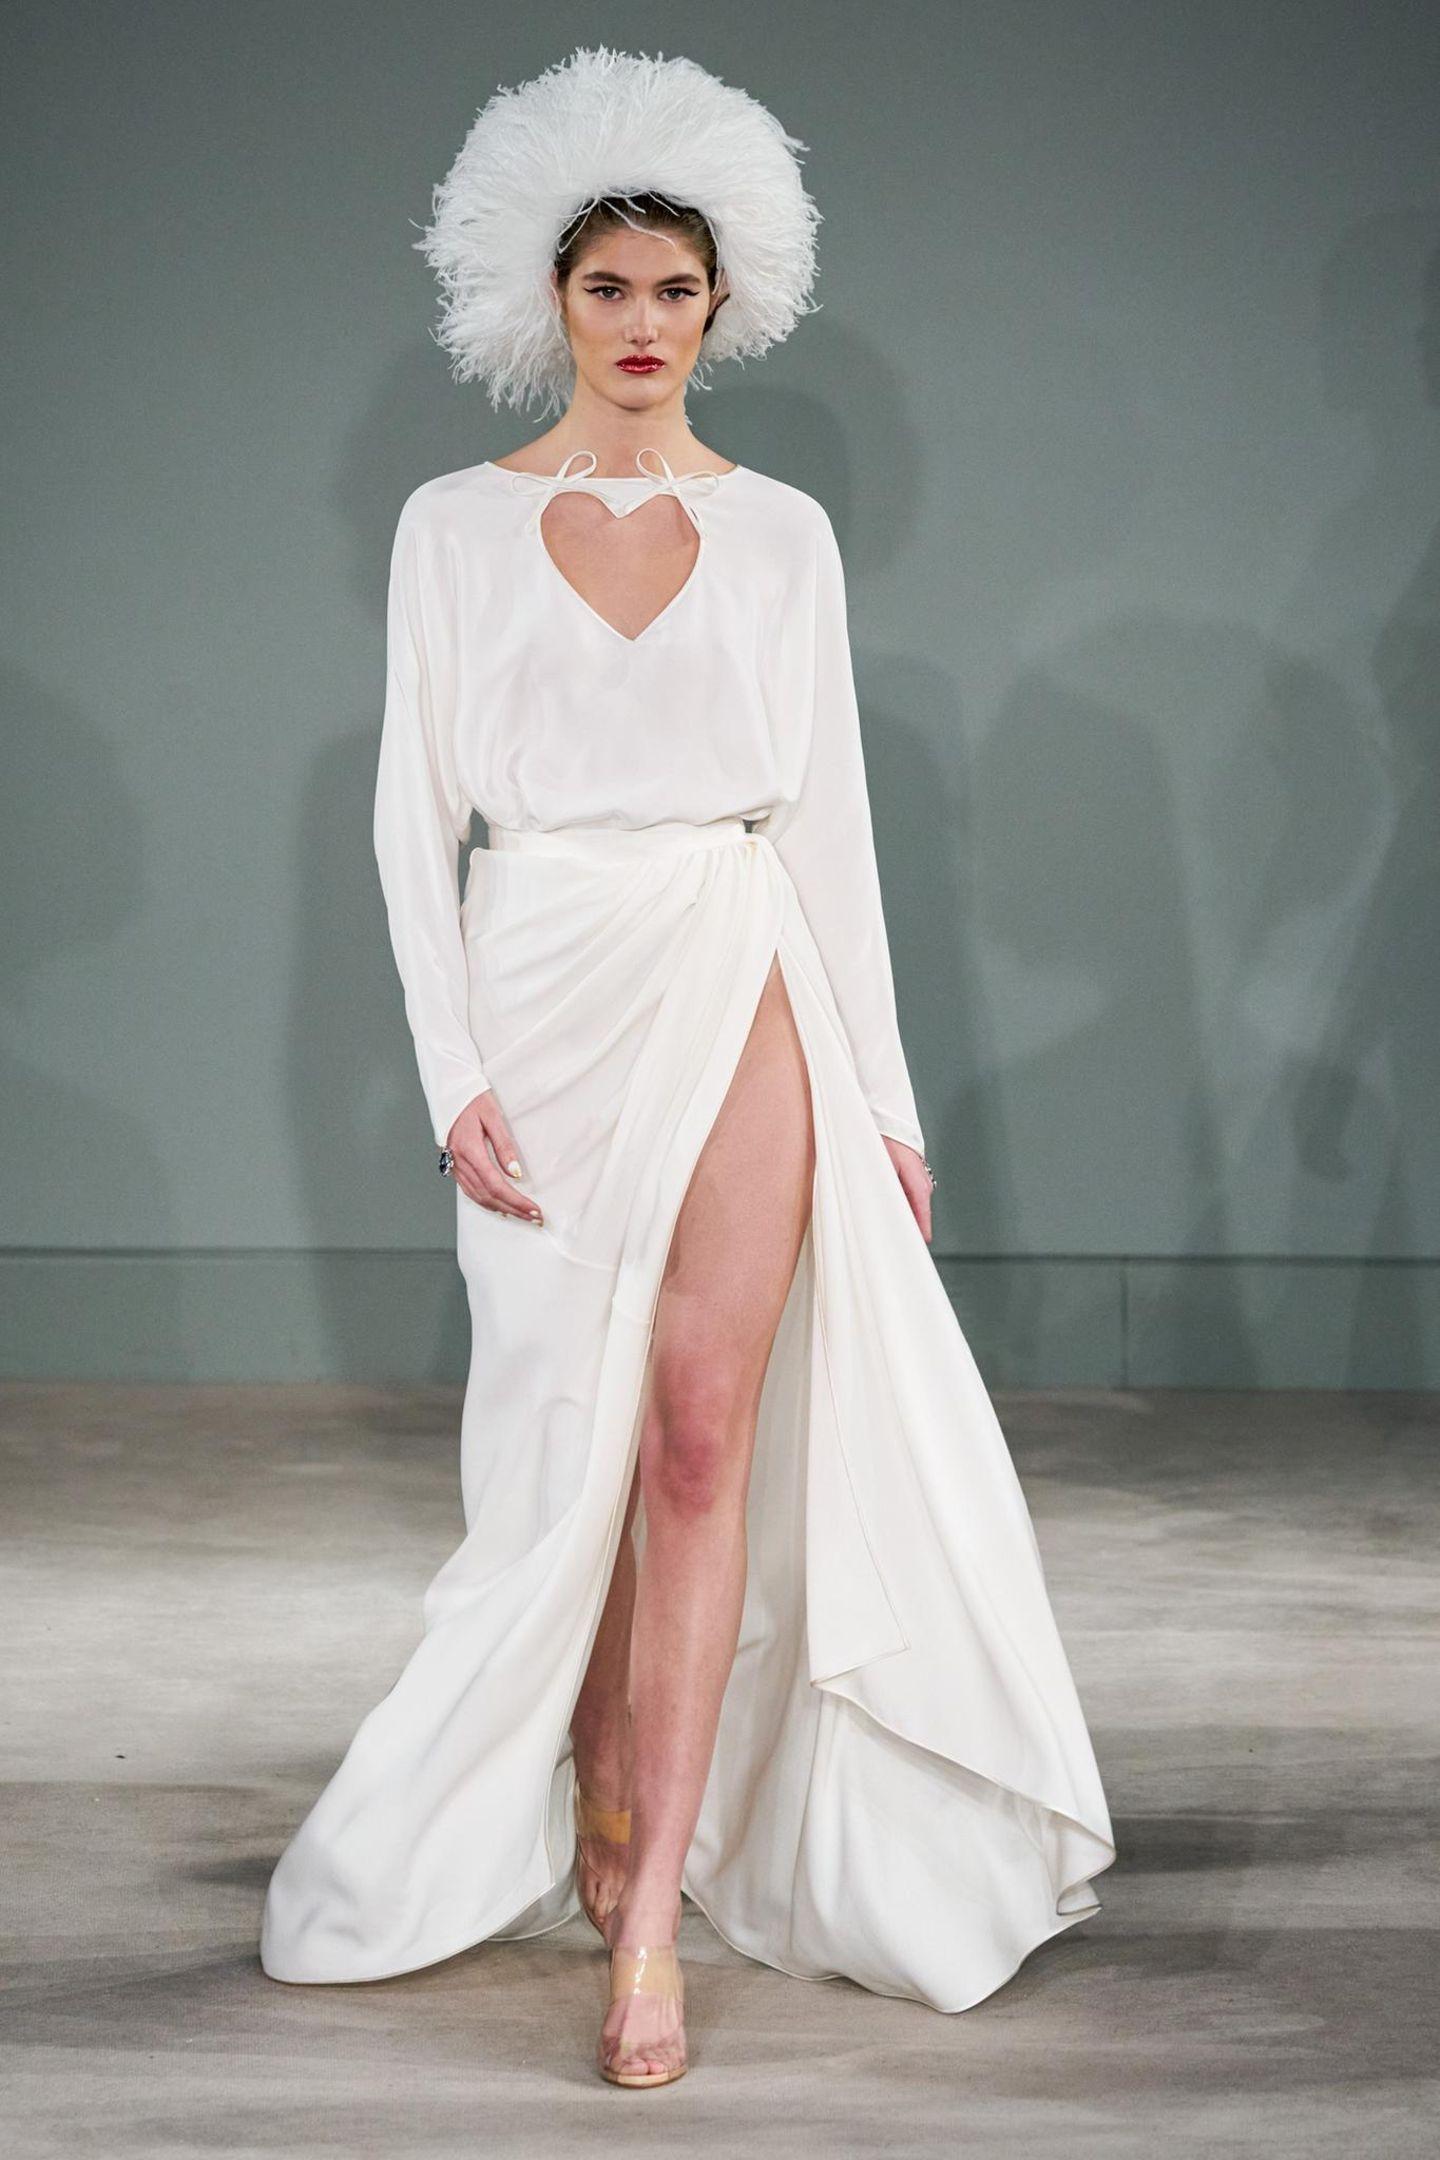 Die Designs des französischen Modedesigners zeichnen sich durch romantische Schnitte, wie dieses Herz-Dekolleté, und feine Stoffe in Weiß aus.